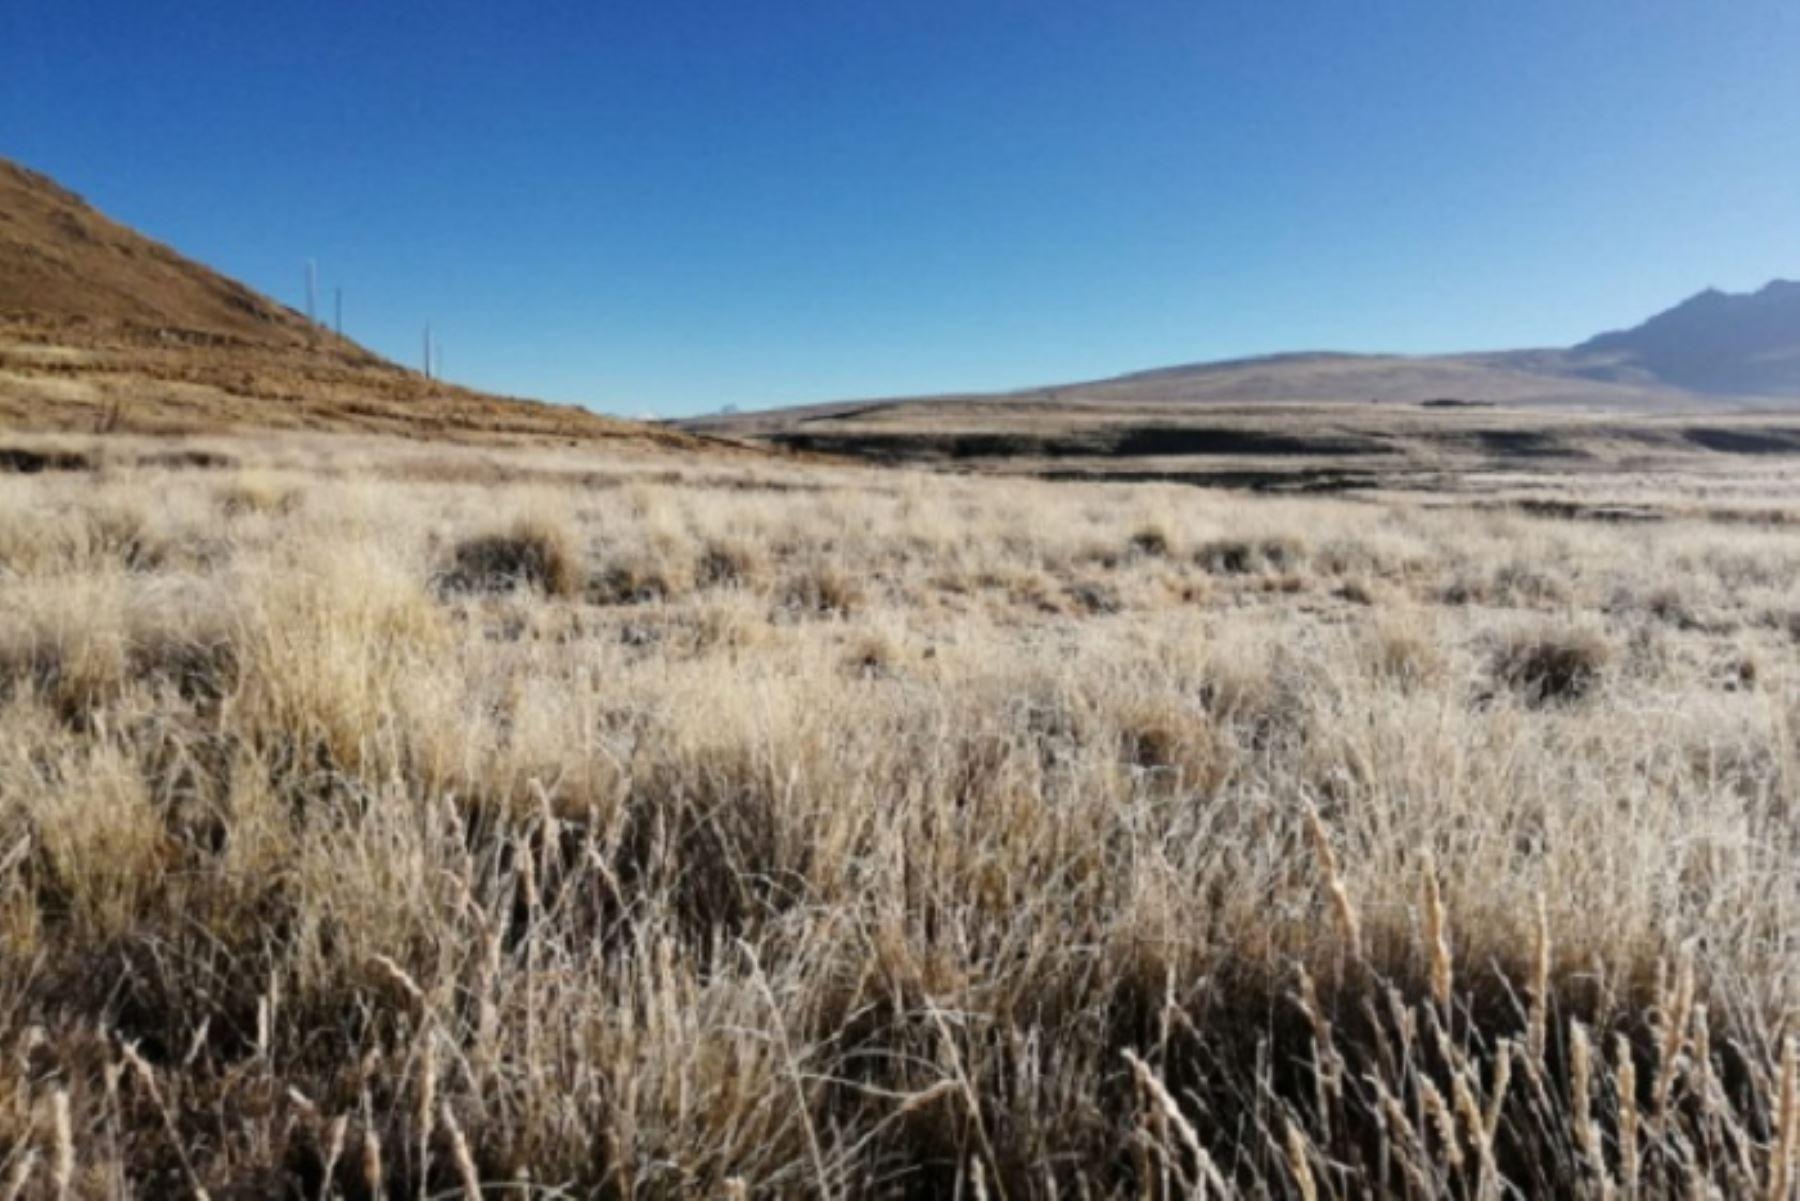 El COER Áncash refirió que hasta el momento la temporada de heladas no ha provocado infecciones respiratorias agudas en la población de la zona.